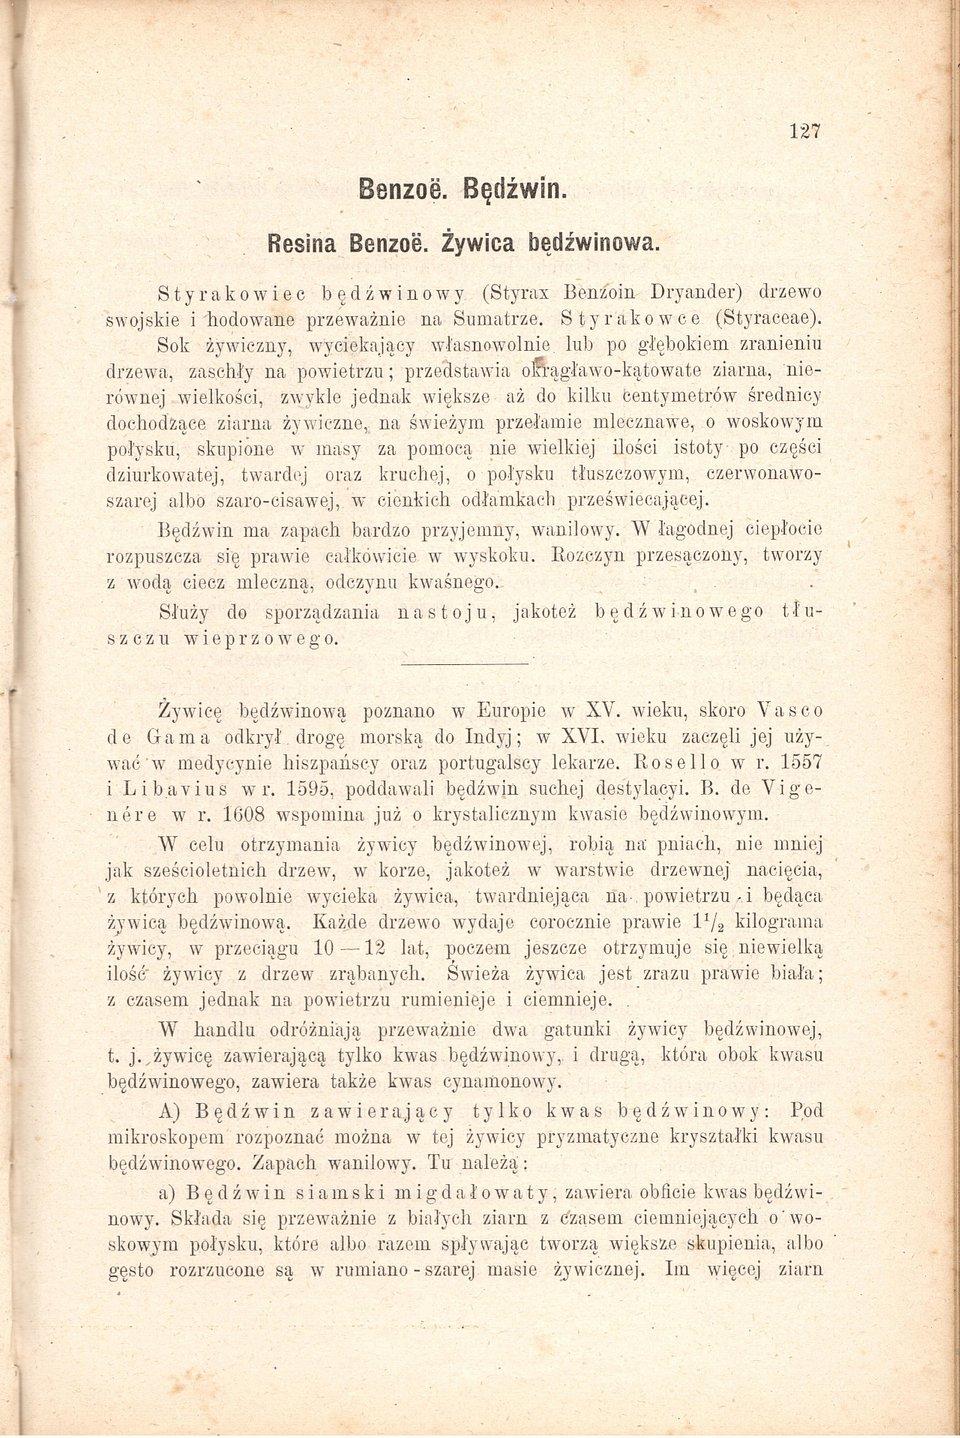 Monografia żywicy bezoesowej w ''Komentarzu...'' Wilhelma Zajączkowskiego. Ze zbiorów Andrzeja Skowrońskiego